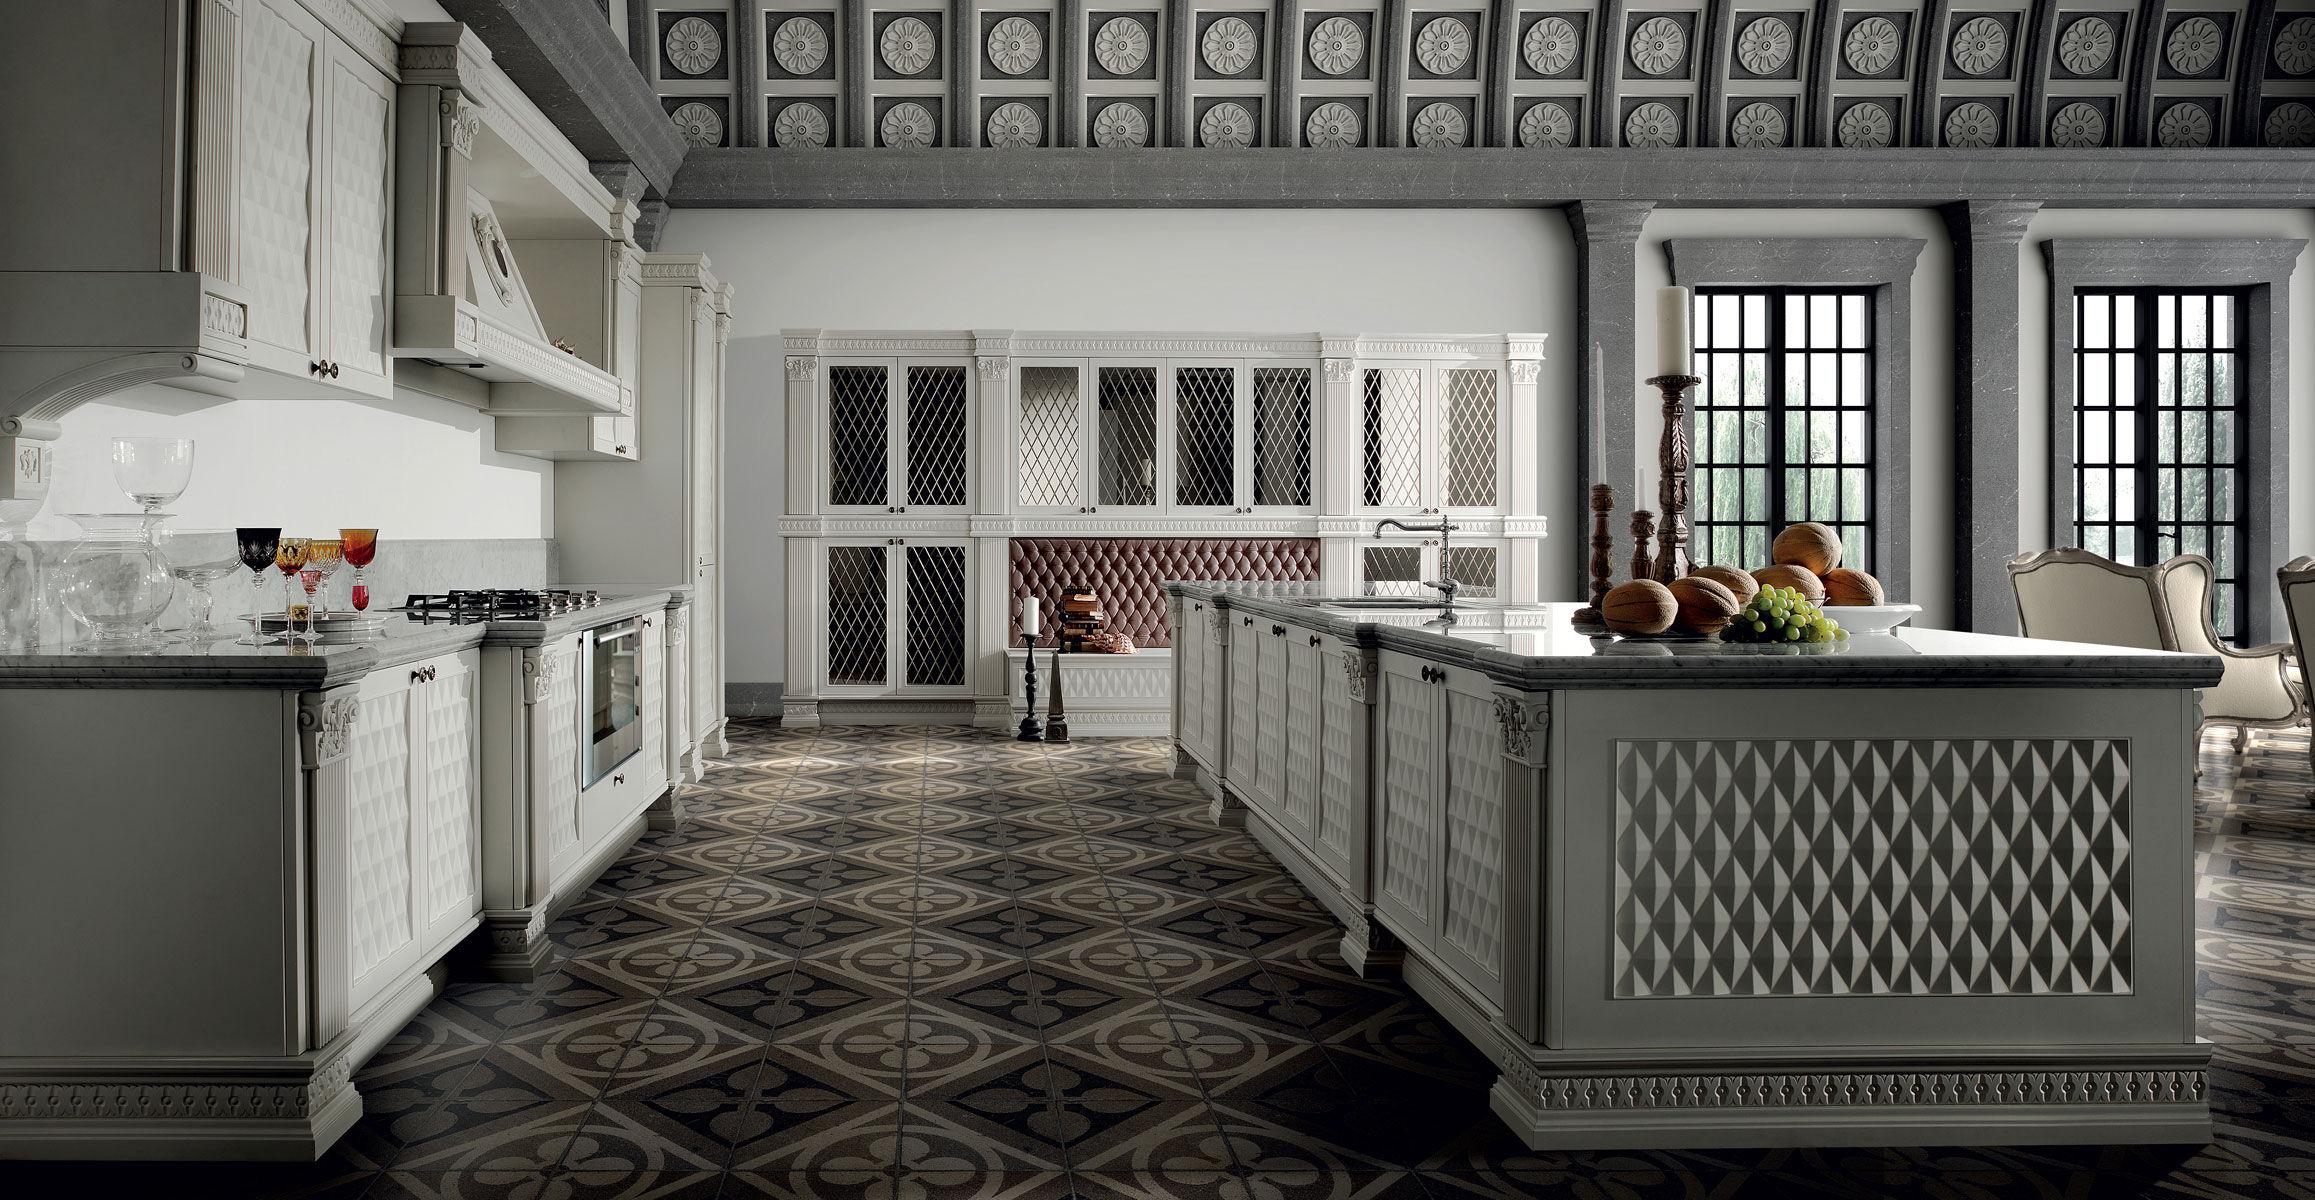 Landhausküchen englischen stil  Schränke Englischer Stil: Stilgeschichte des möbels schlaf & schön ...